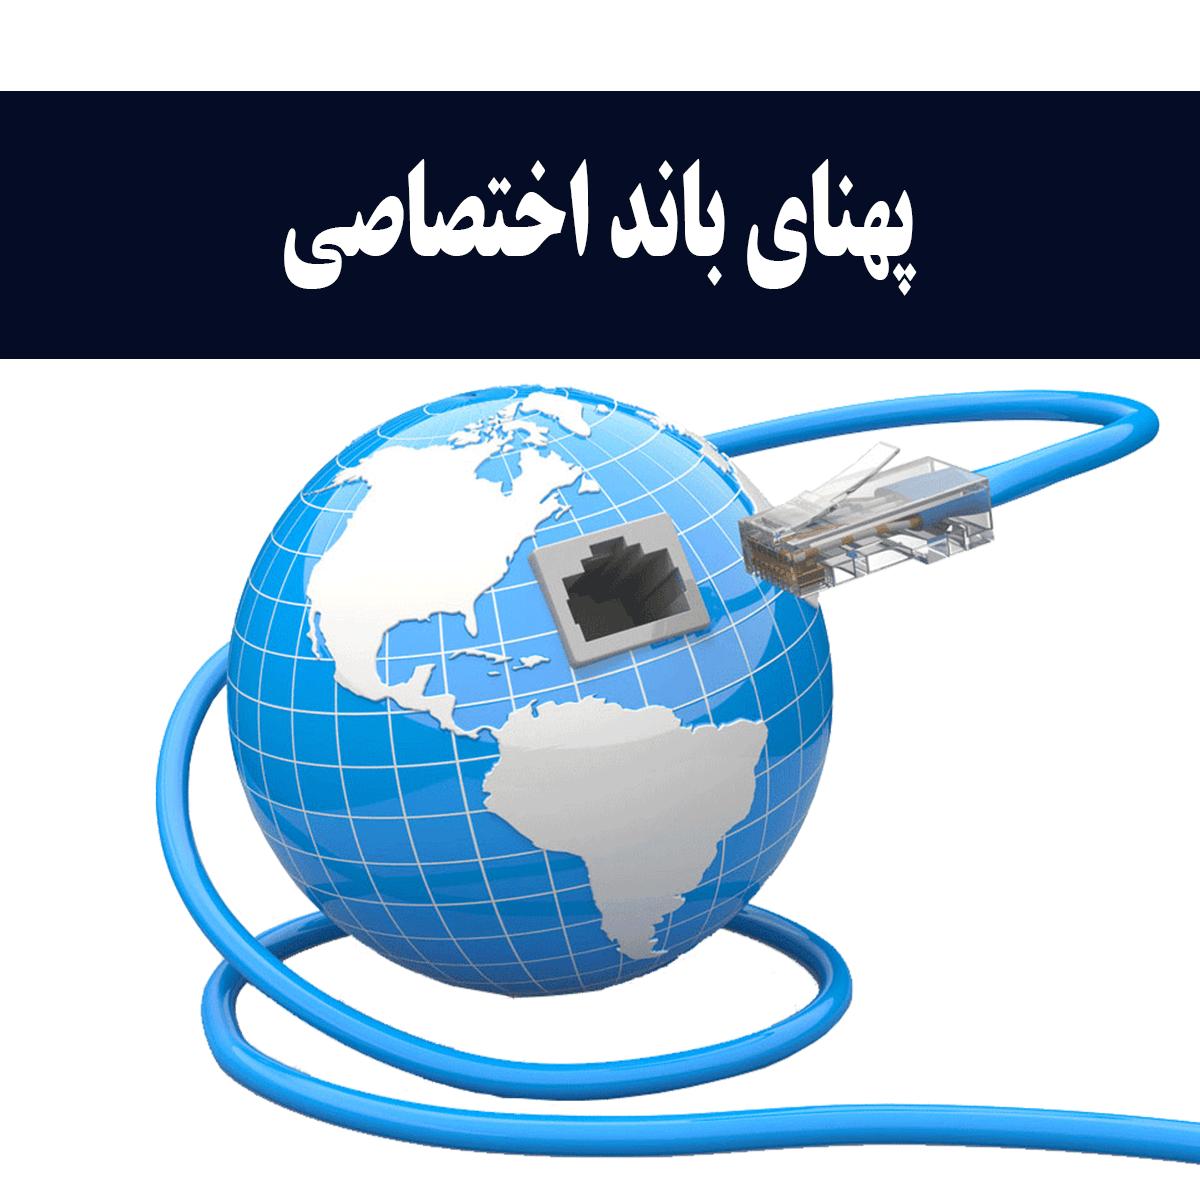 پهنای باند اختصاصی